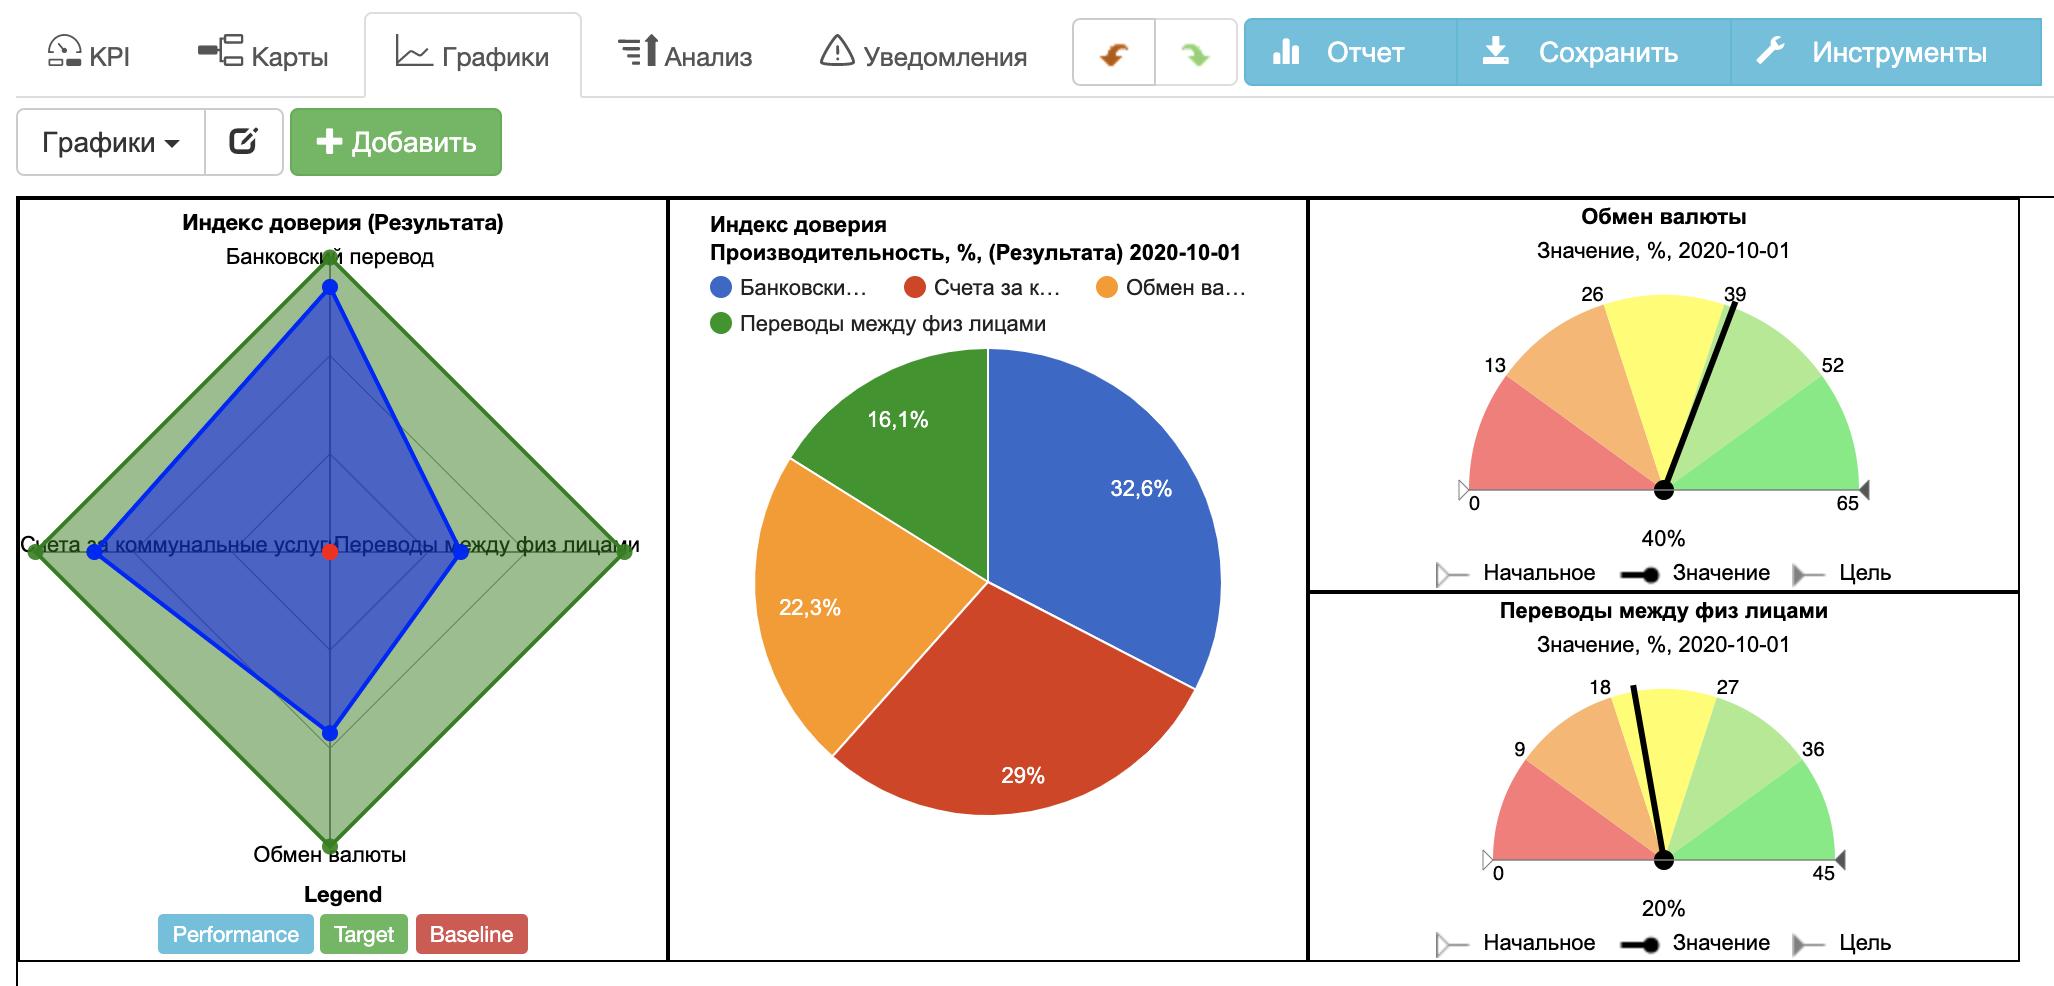 Панель инструментов для системы показателей банка